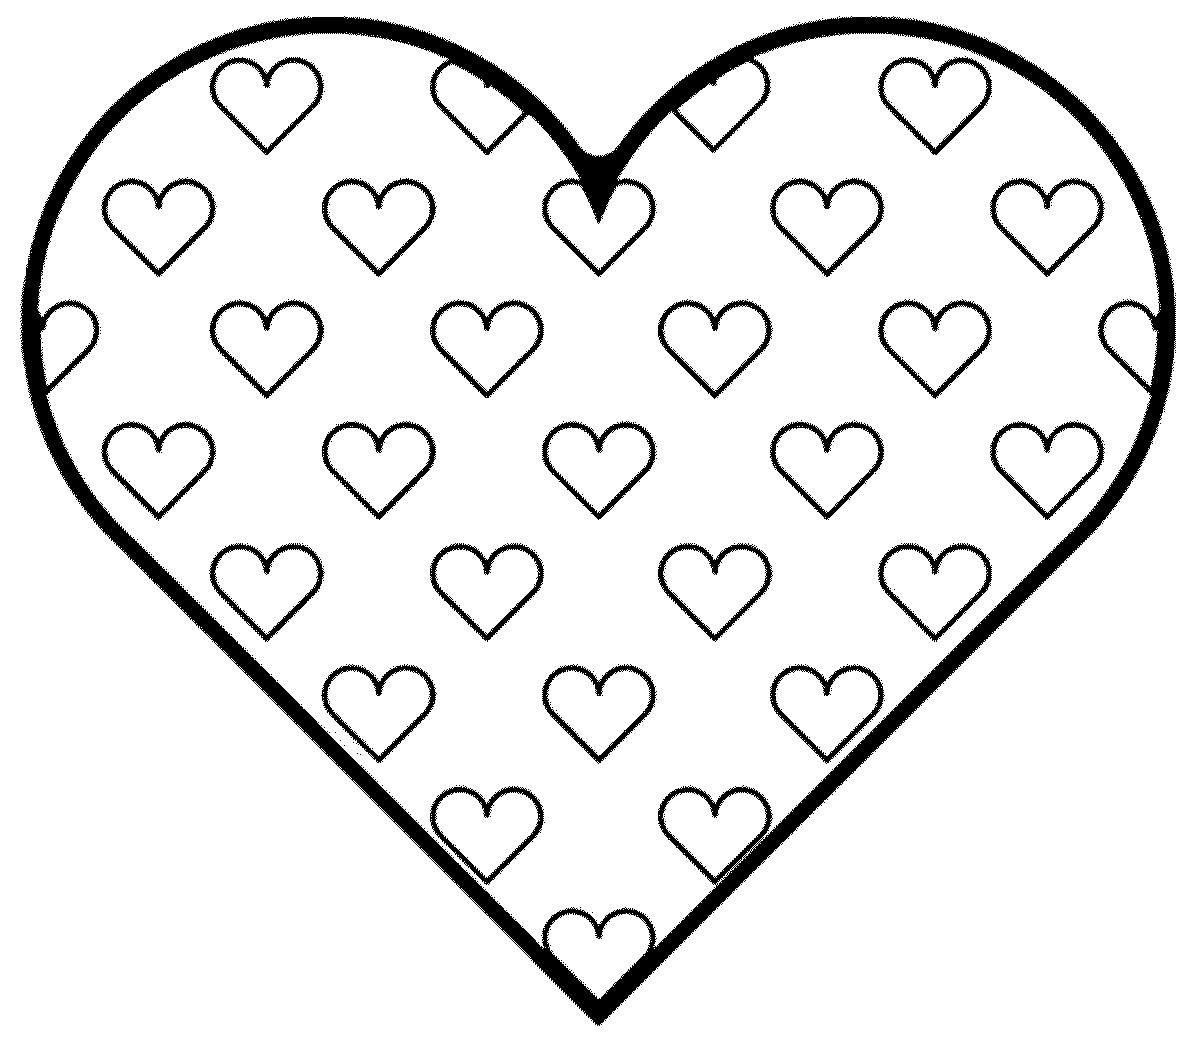 Раскраска с сердечками распечатать